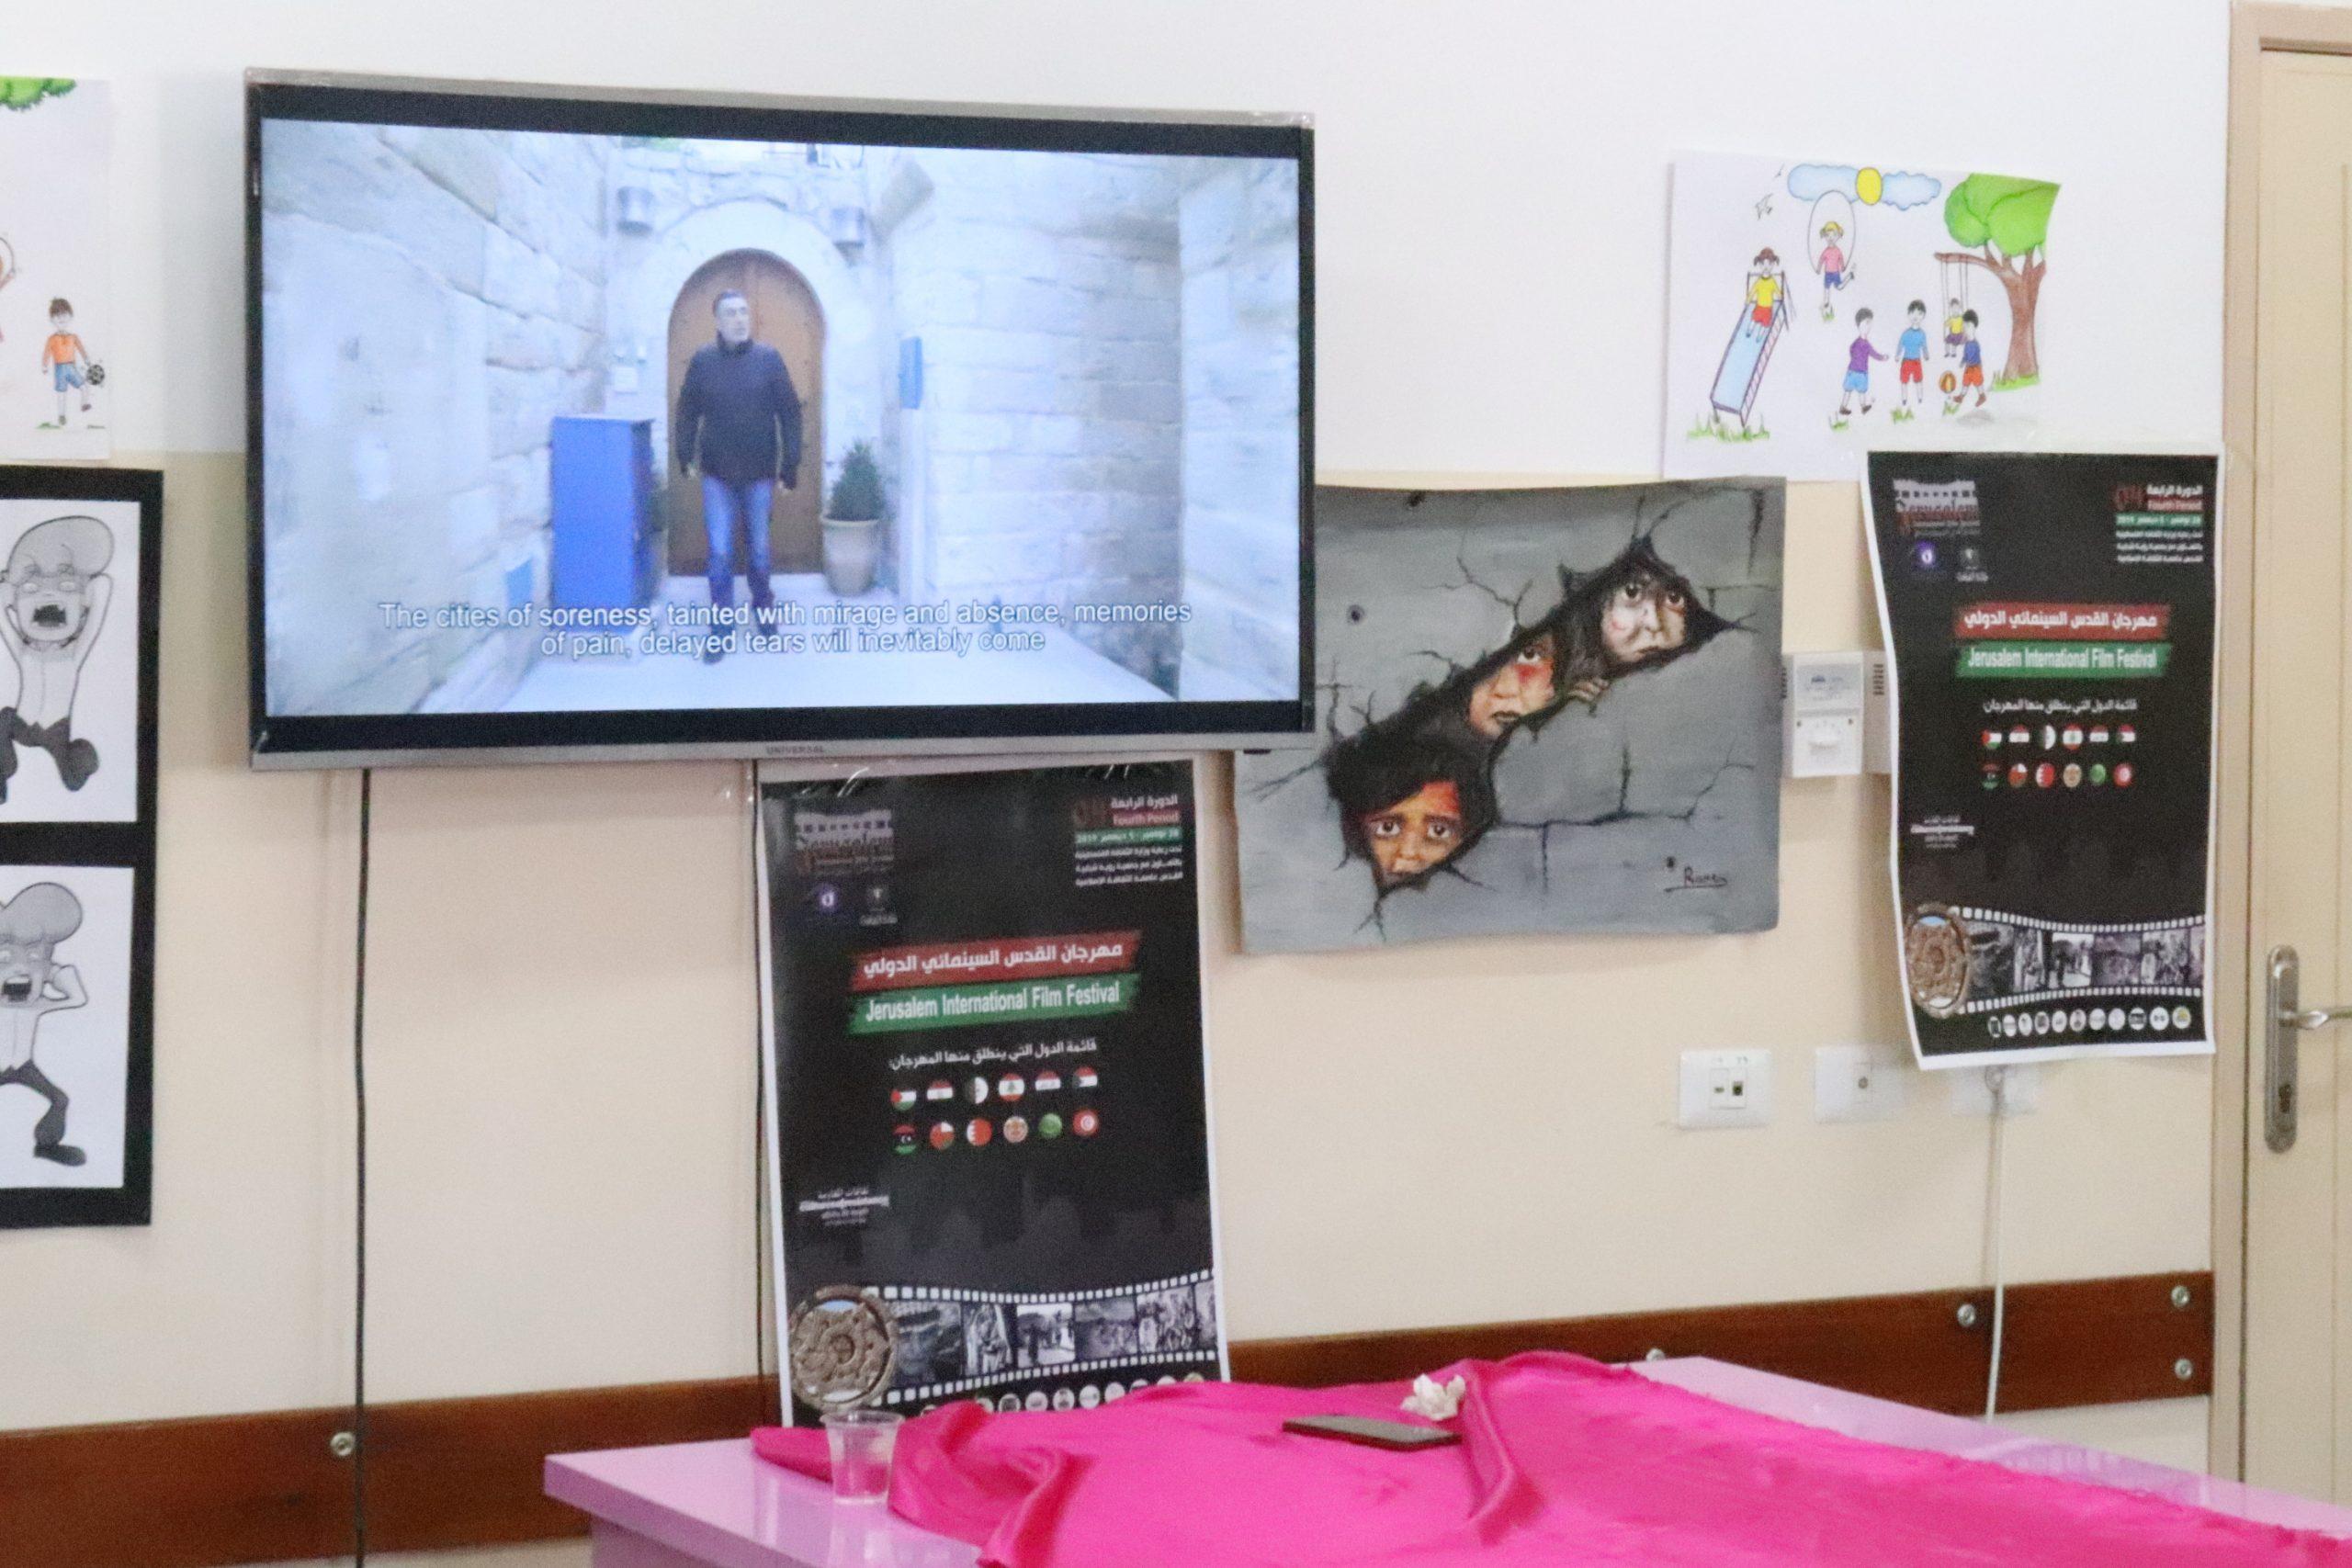 مهرجان القدس السينمائي الدولي يثمن دور الجامعات والجمعيات الشريكة في فعاليات المهرجان.